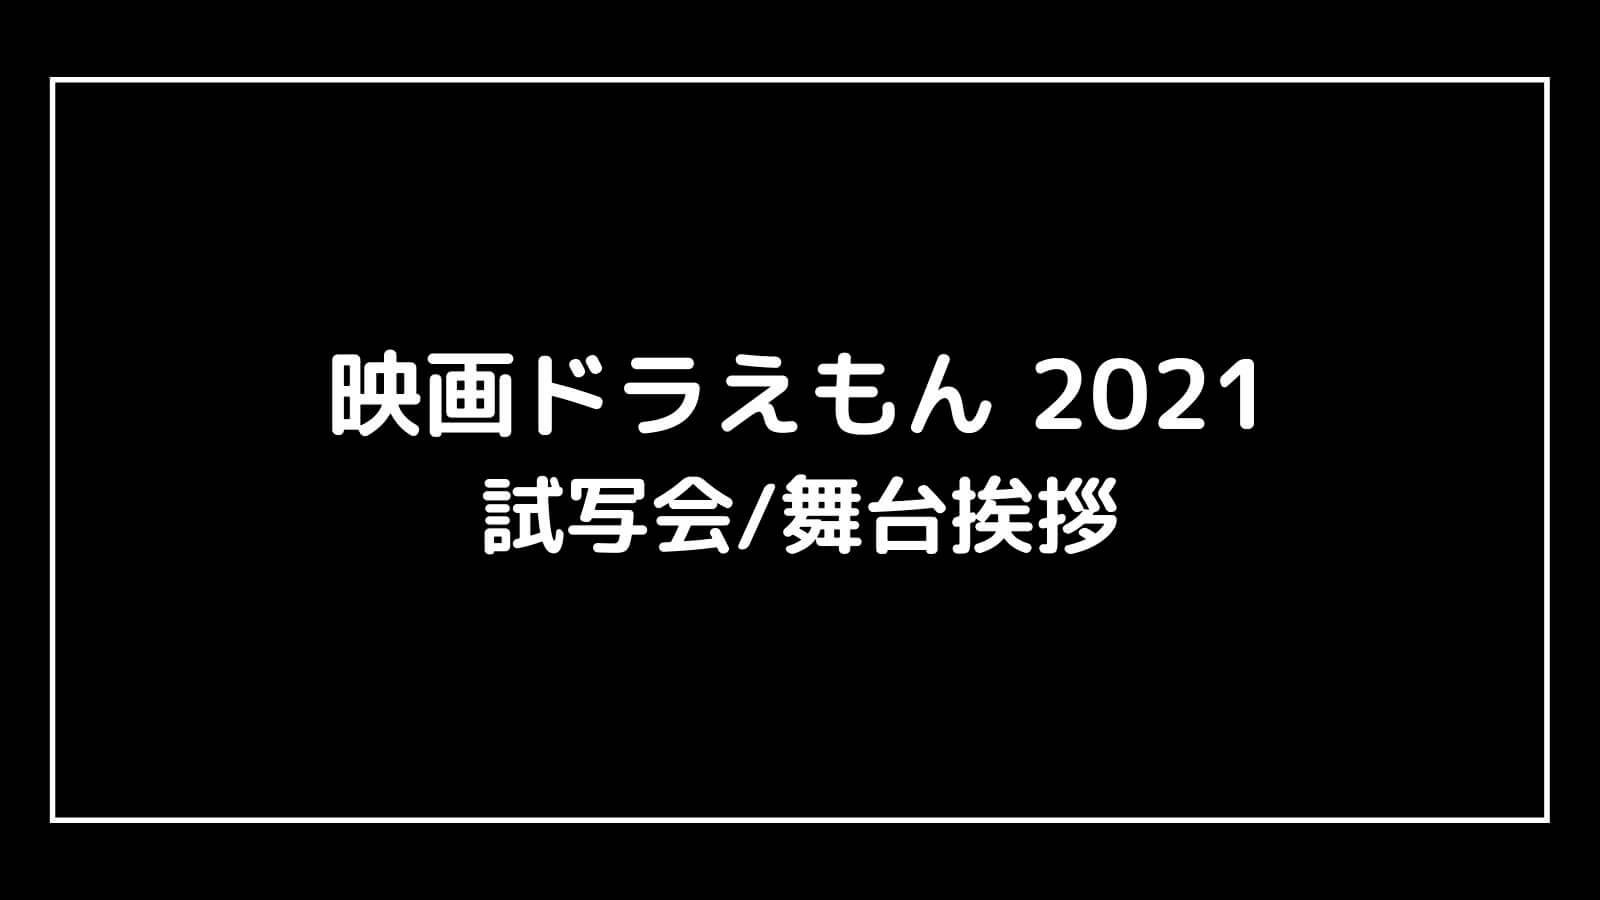 『映画ドラえもん のび太の宇宙小戦争2021』の試写会と舞台挨拶ライブビューイング情報